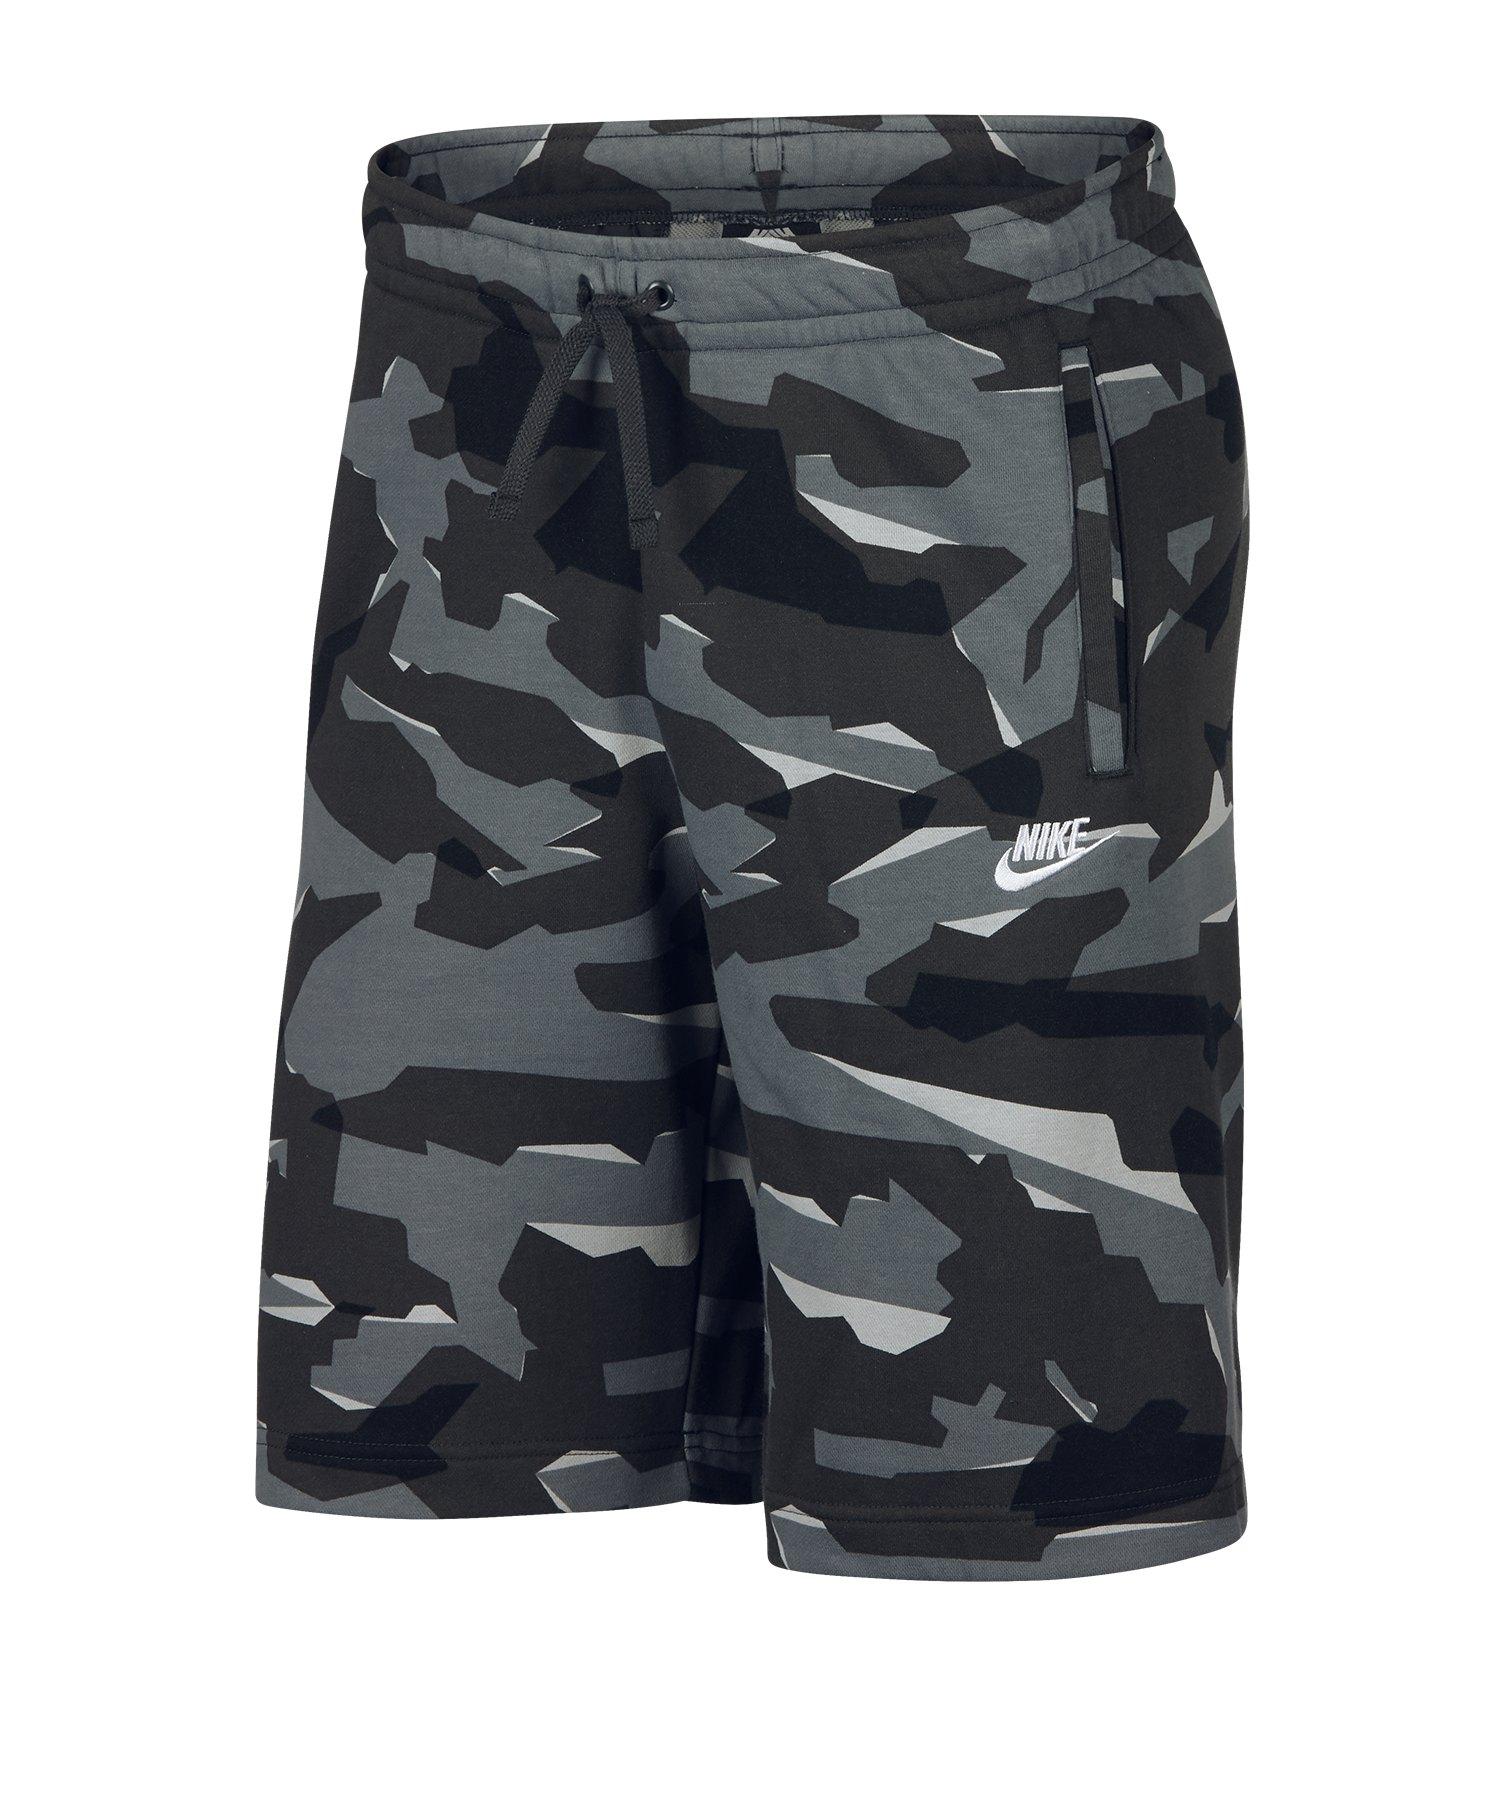 Nike Club Camo Short Grau F065 - Grau